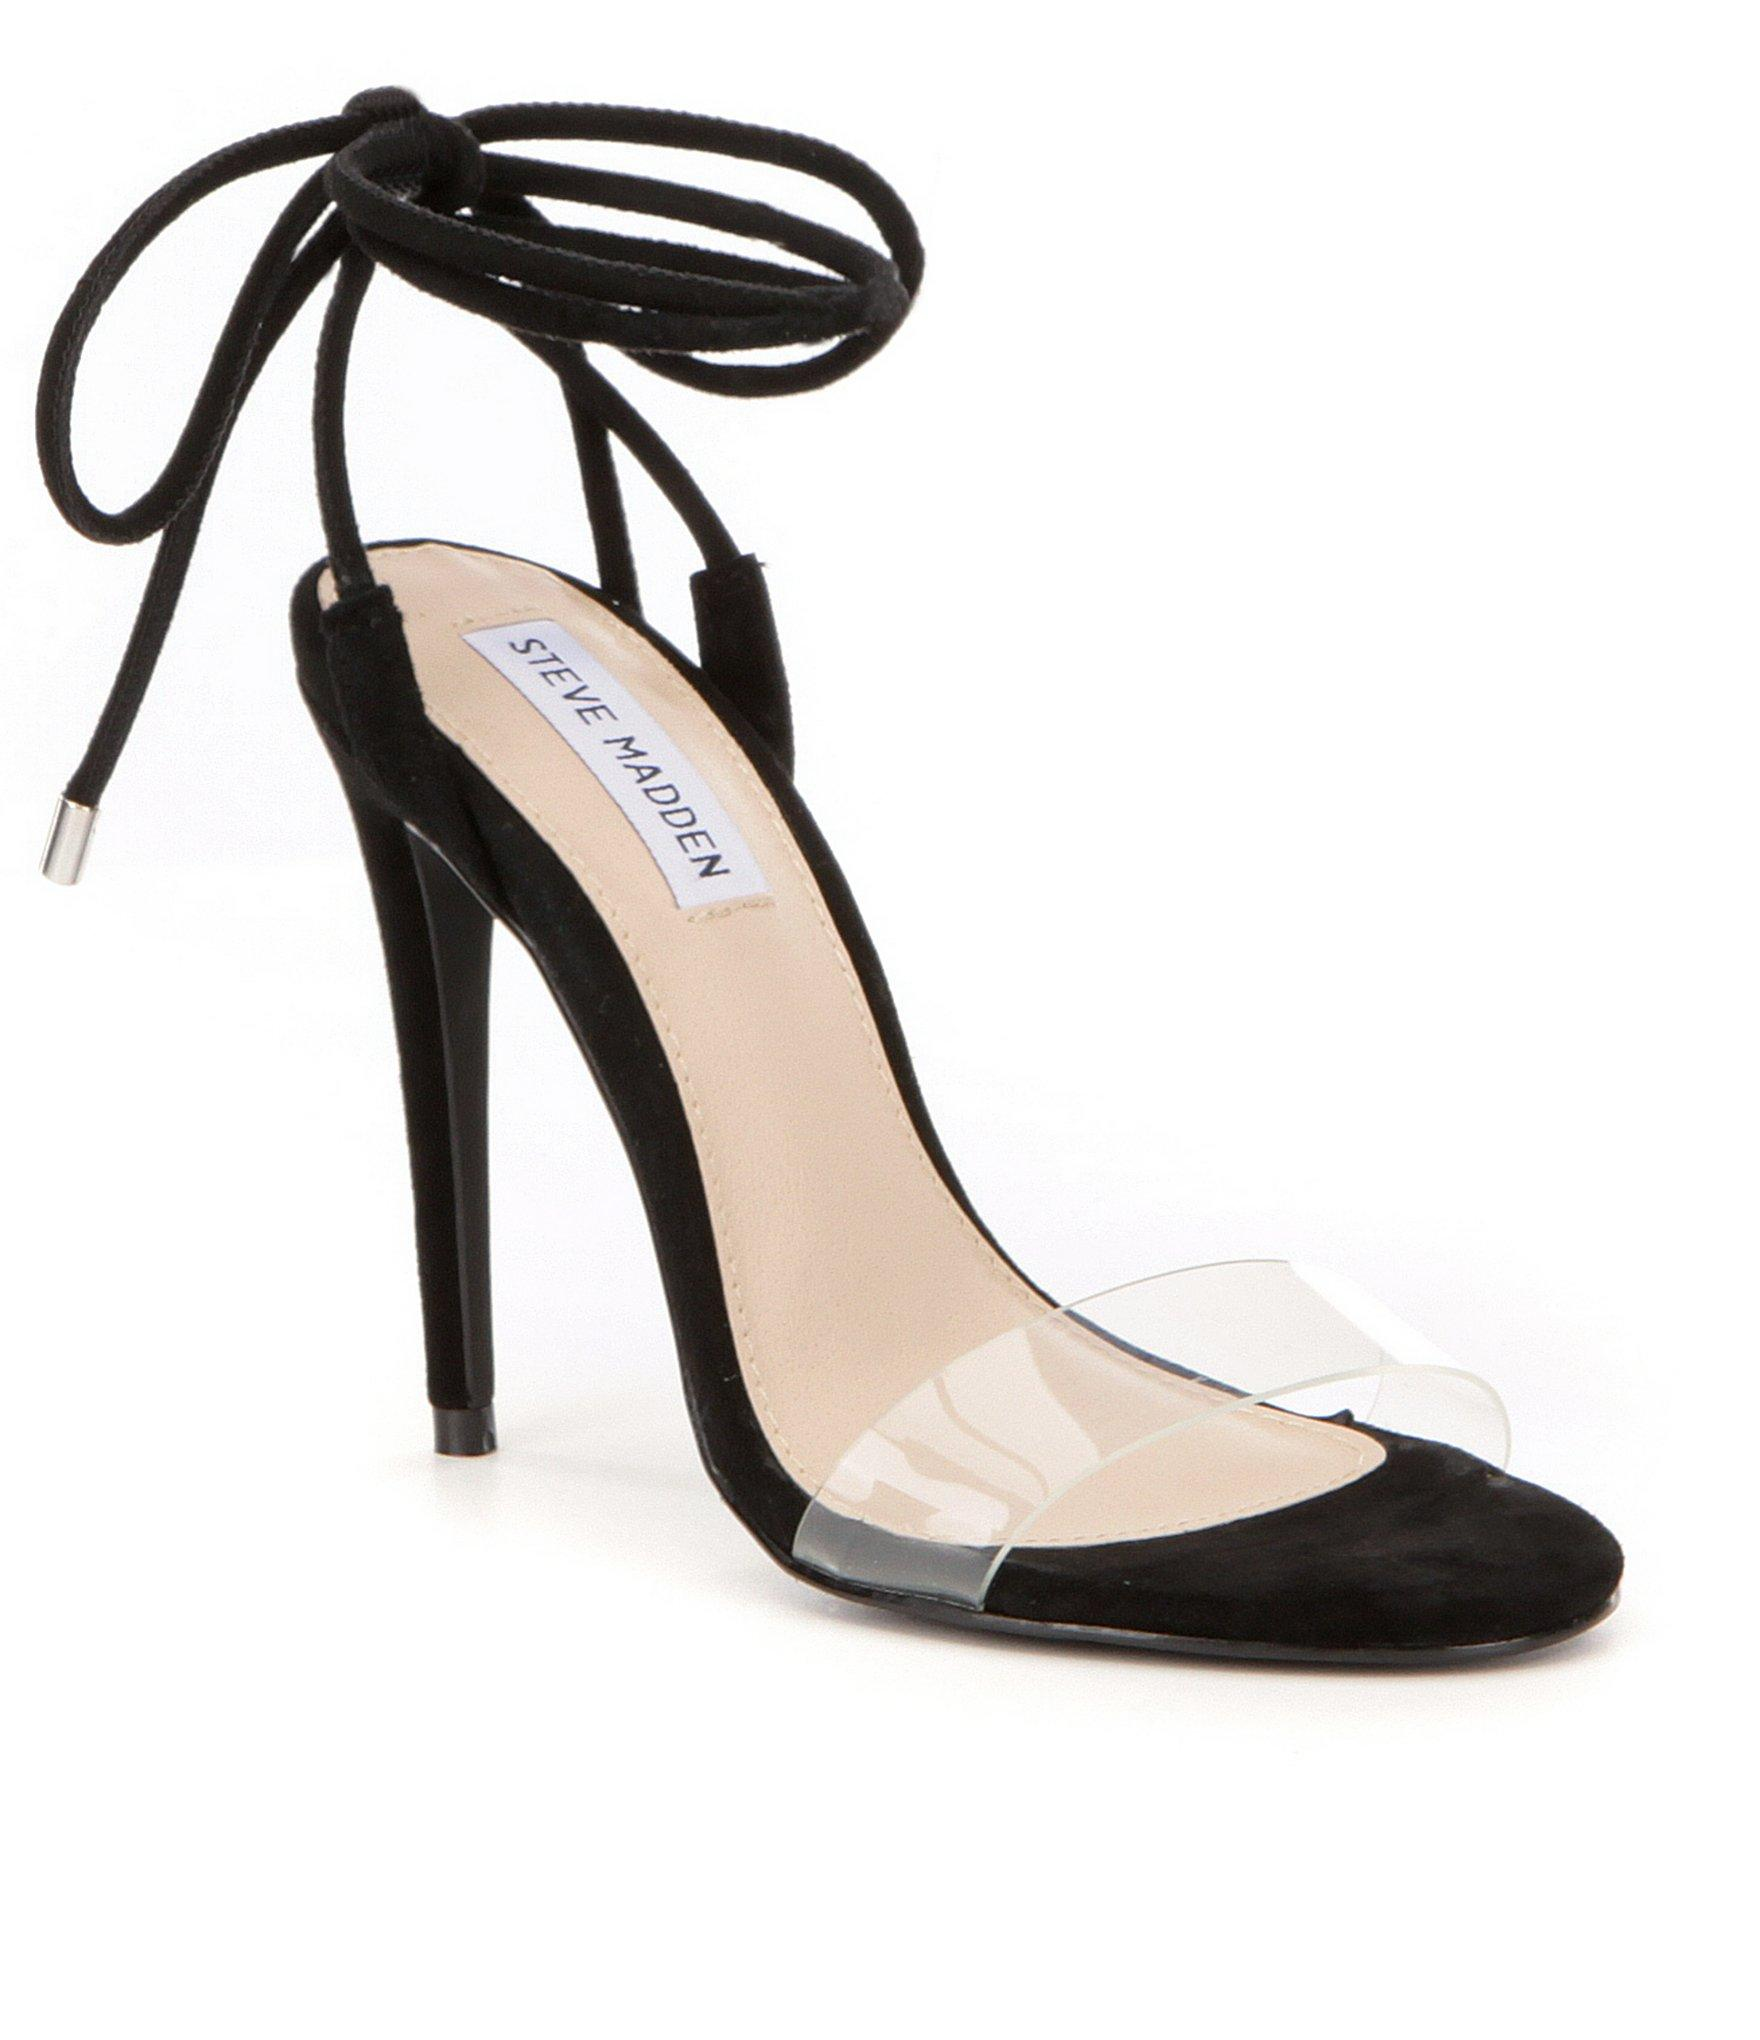 b85cd893034 Lyst - Steve Madden Lyla Ankle Tie Dress Sandals in Black